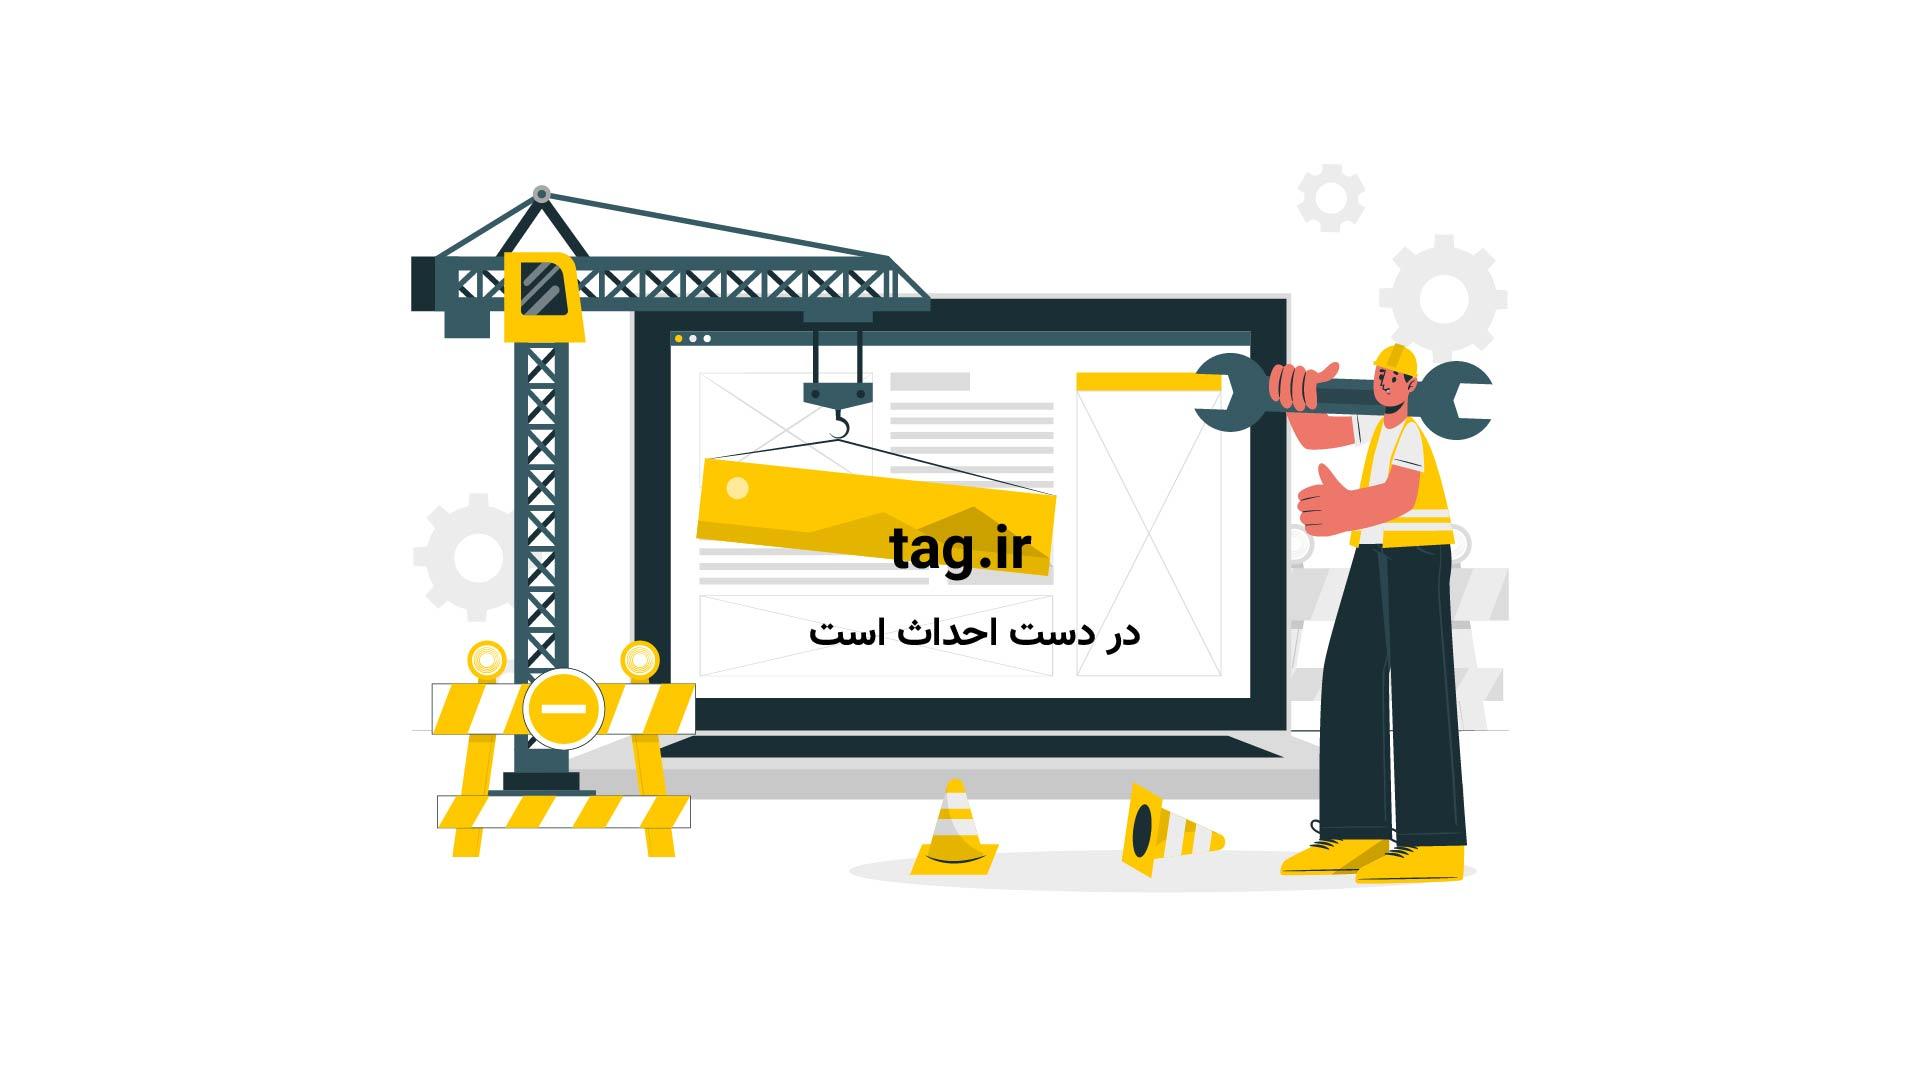 تشییع پیکر شهدای حادثه تروریستی اهواز | فیلم